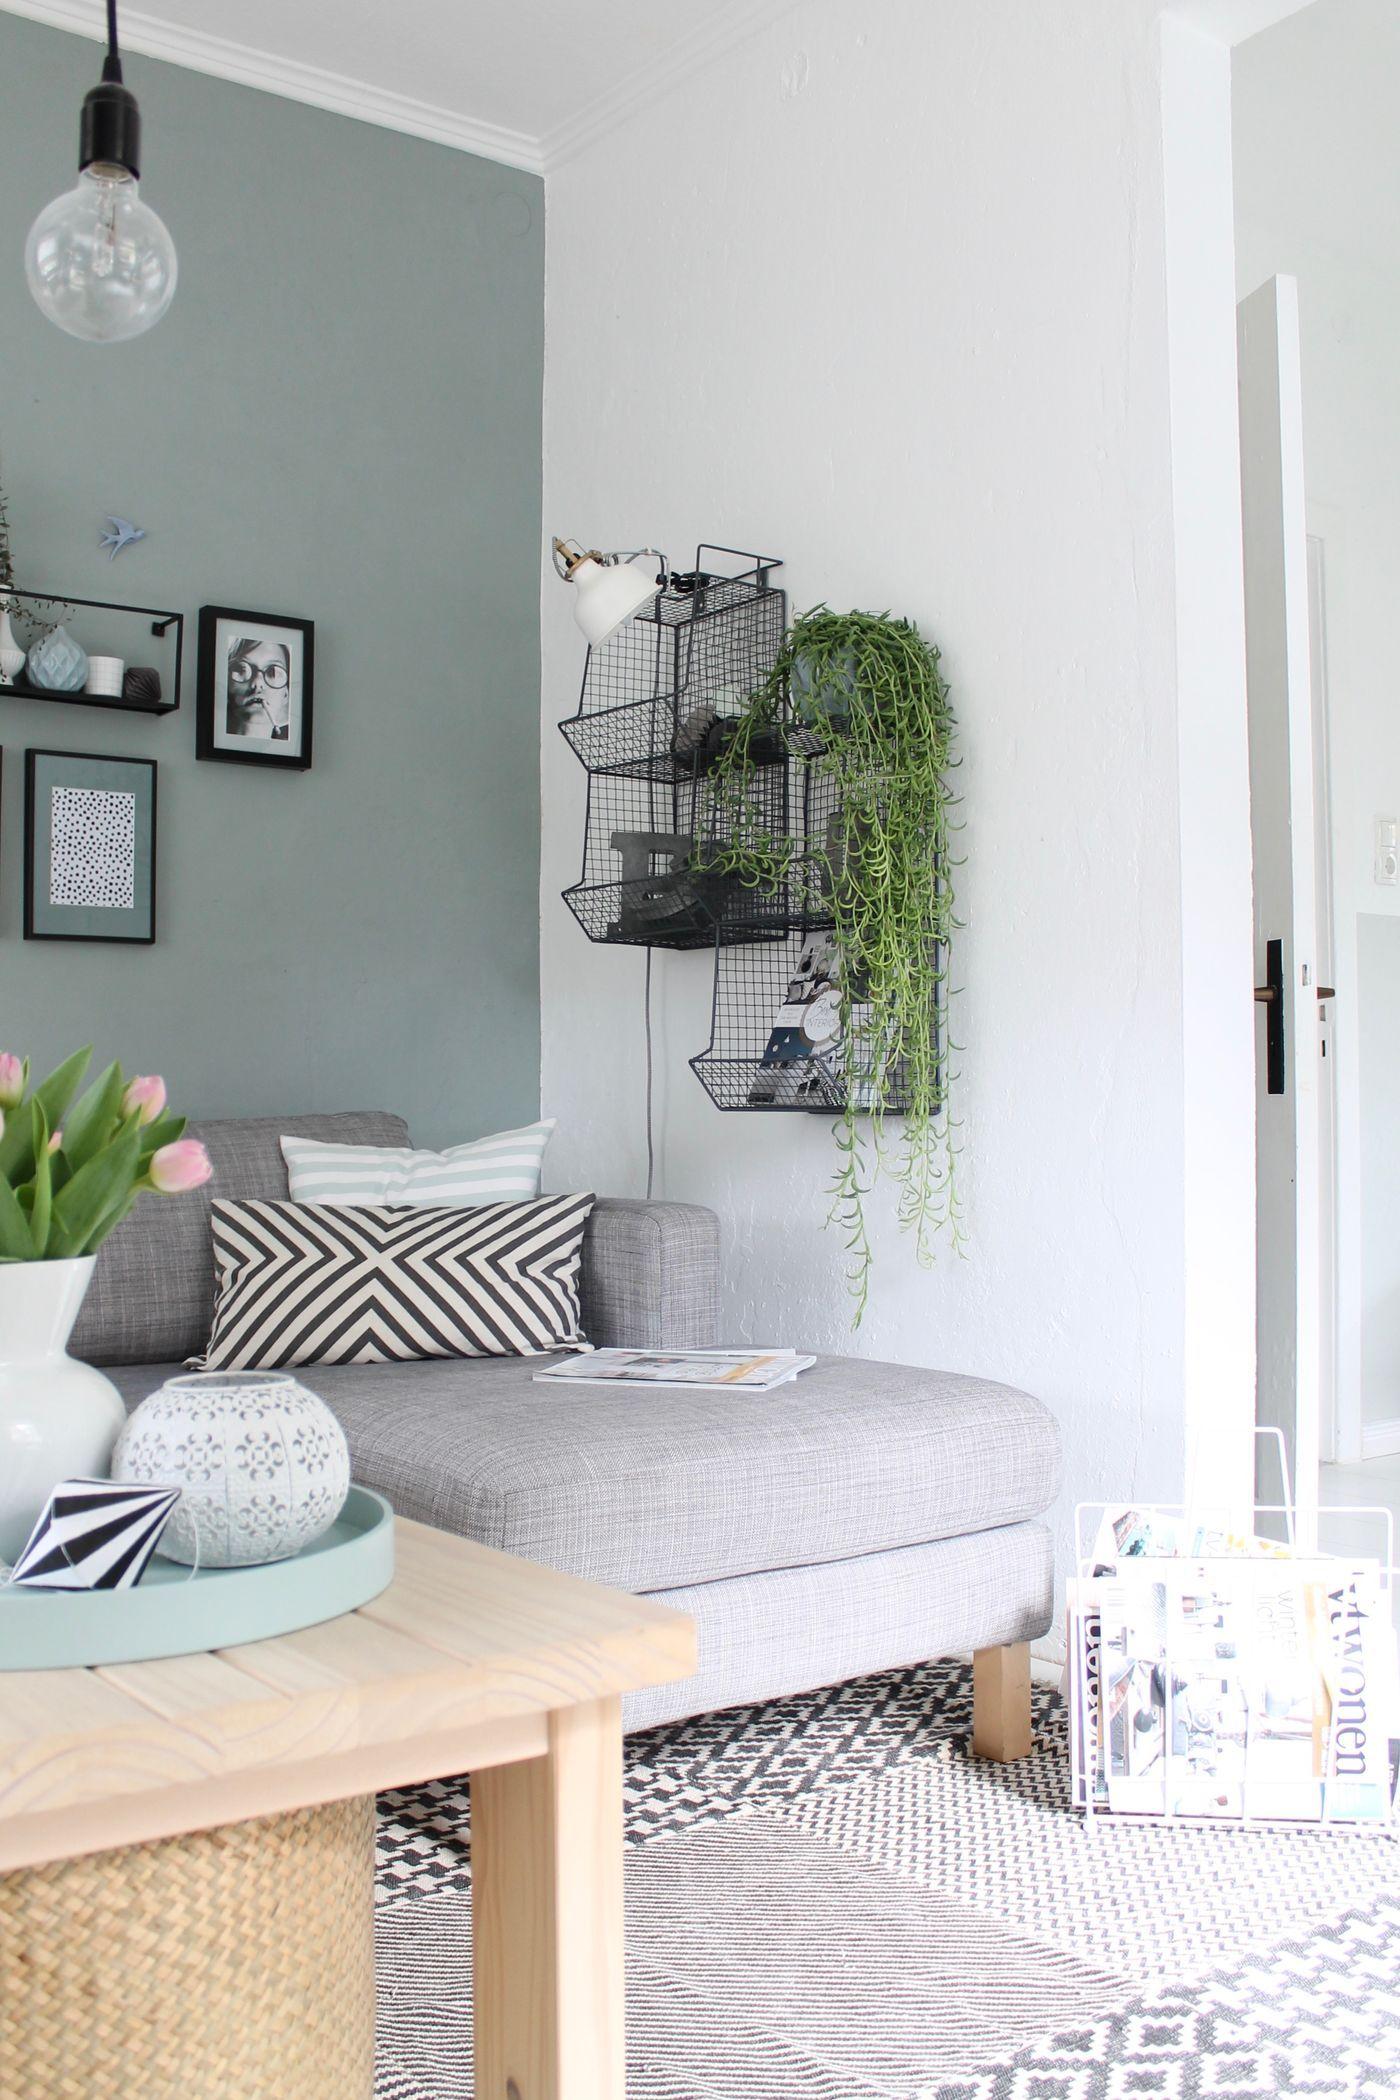 Wandfarbe gr n die besten ideen und tipps zum streichen seite 3 - Wandfarbe tipps ...